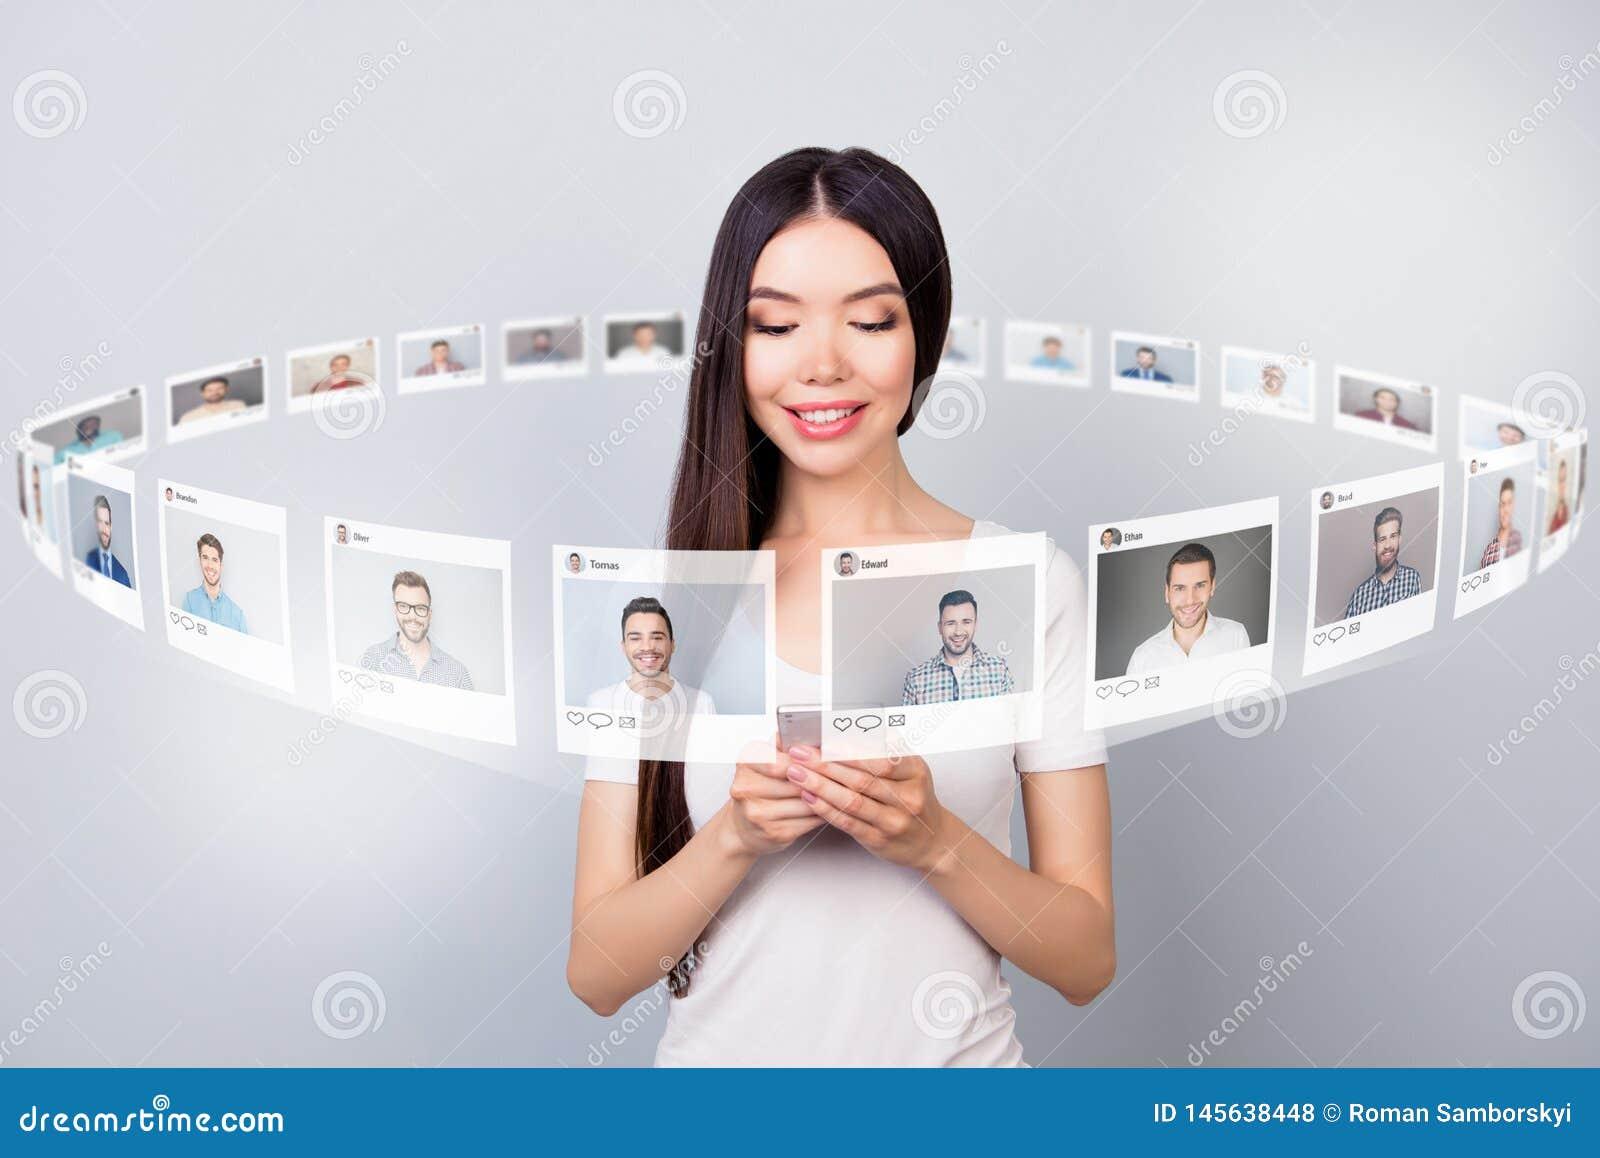 Κλείστε επάνω τον αναγνώστη φωτογραφιών αυτή το τηλεφωνικό μερίδιο ηλεκτρονικού ταχυδρομείου μερών γυναικείου ελέγχου της repost